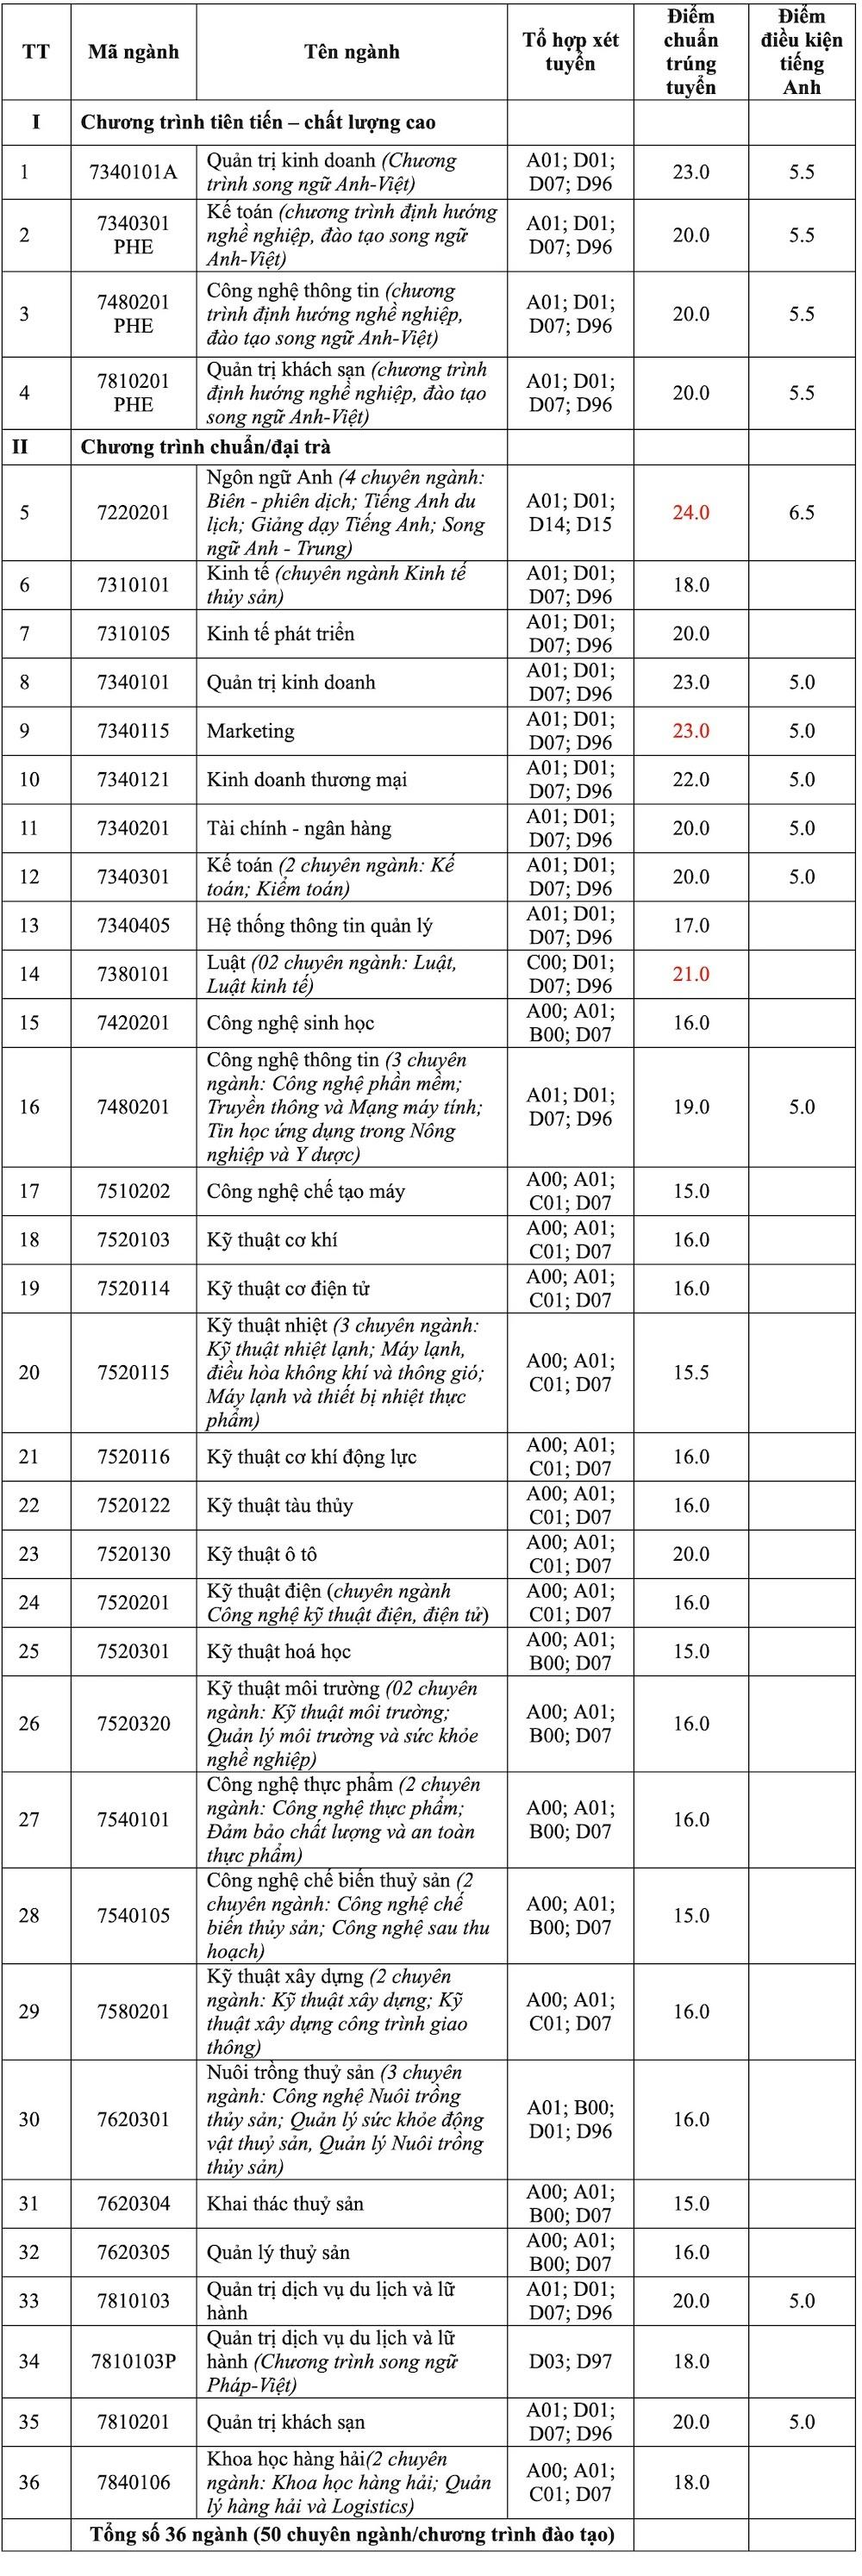 Trường ĐH Nha Trang lấy điểm chuẩn từ 15 - 24